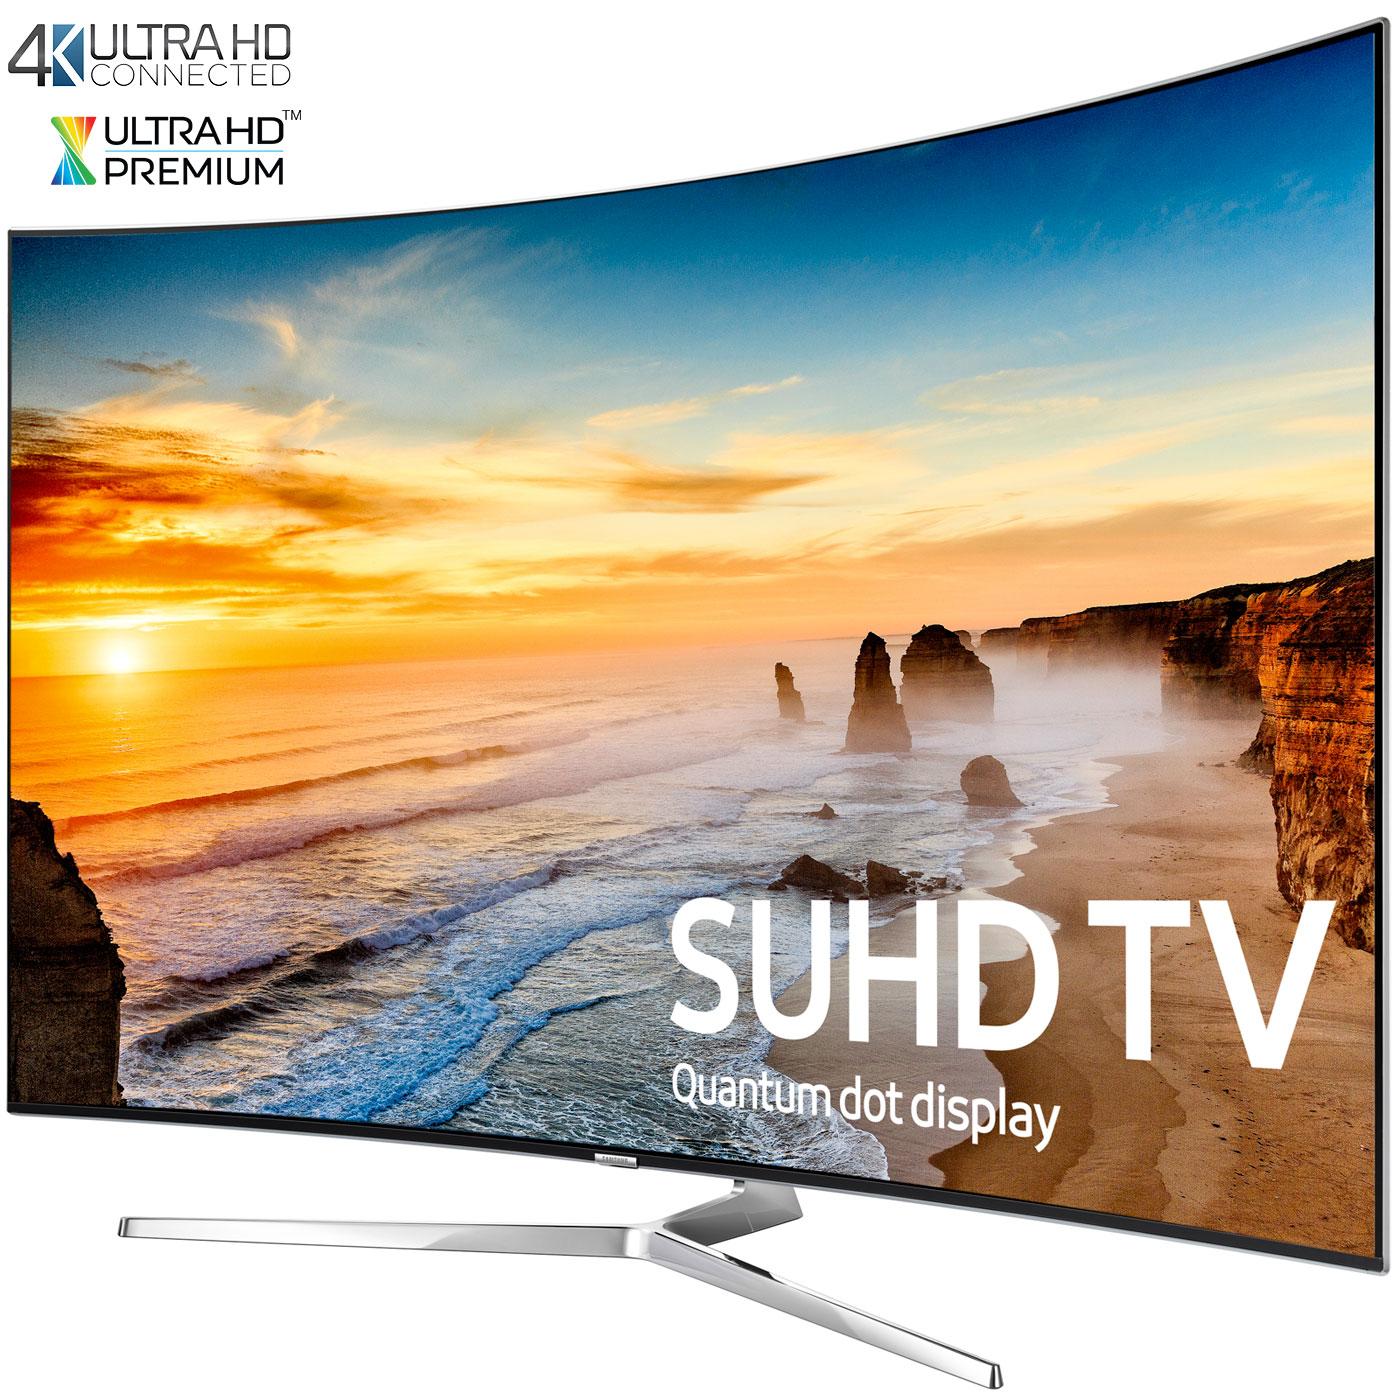 samsung un65ks9500 curved 65 inch 2160p smart 4k suhd led tv ks9500 9 series ebay. Black Bedroom Furniture Sets. Home Design Ideas